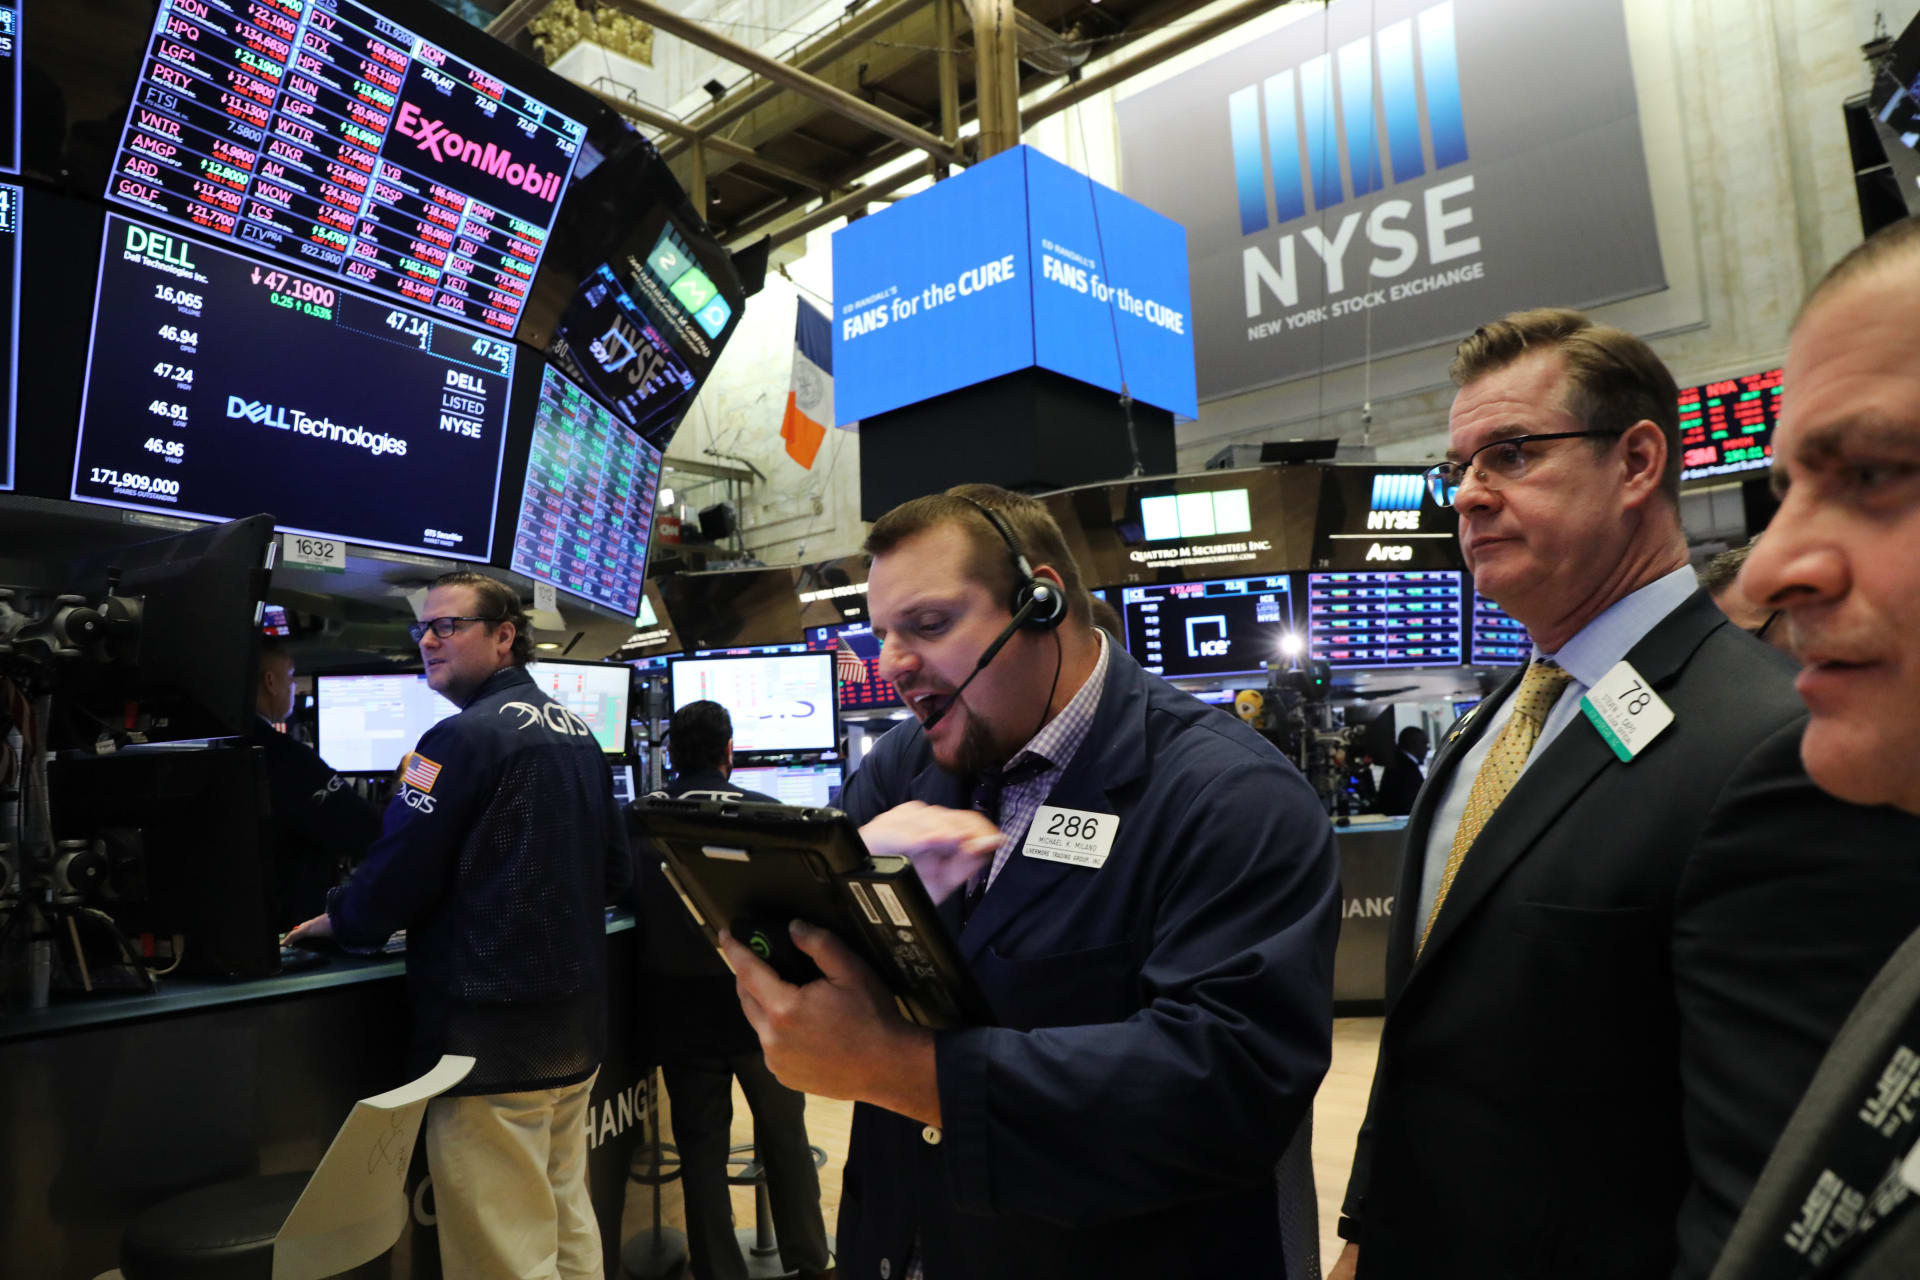 كيف يرى المستثمرون الاقتصاد الأمريكي خلال العامين الحالي والمقبل؟